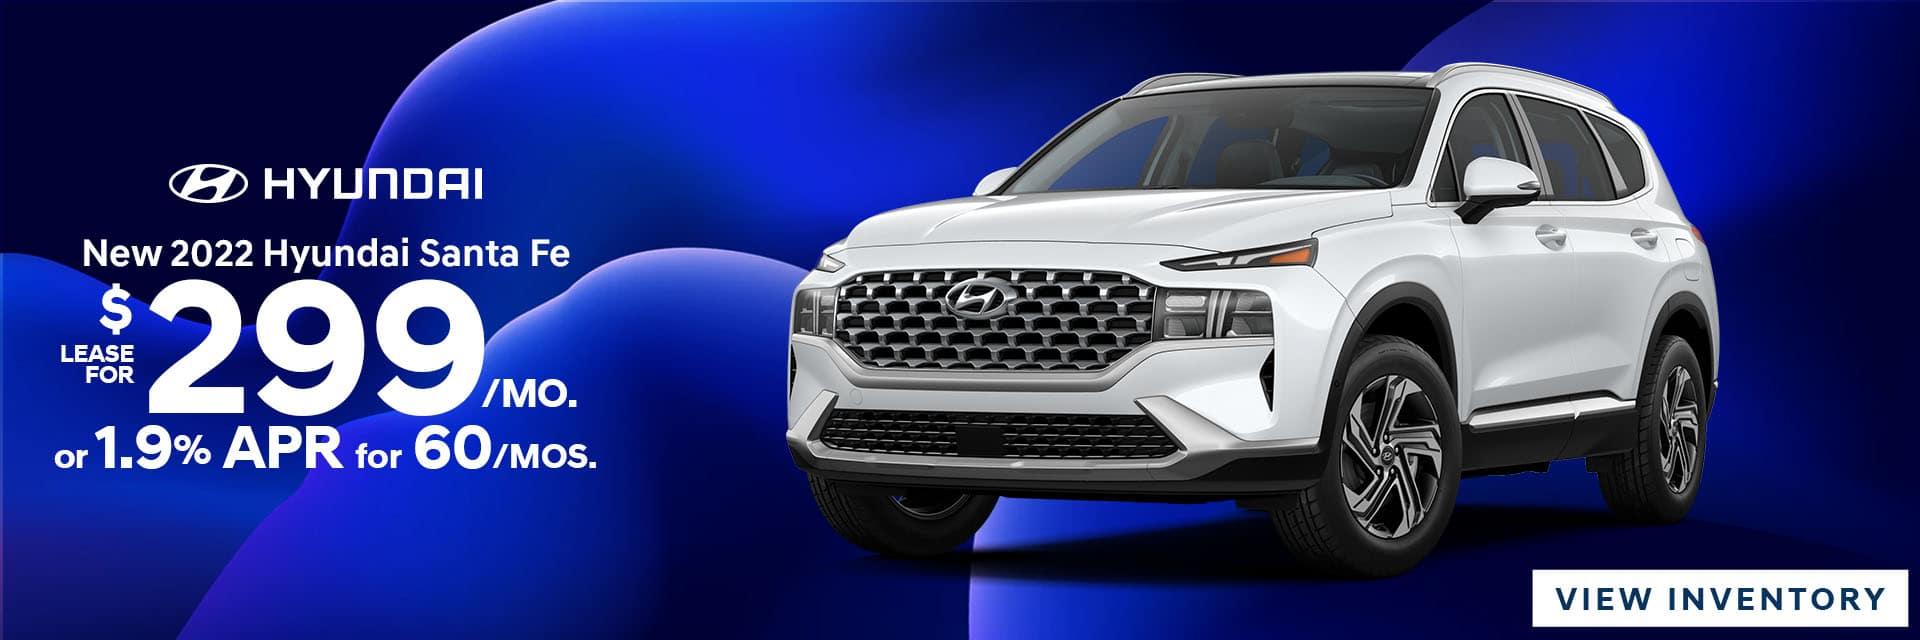 CHOH-September 20212021 Hyundai Santa Fe copy